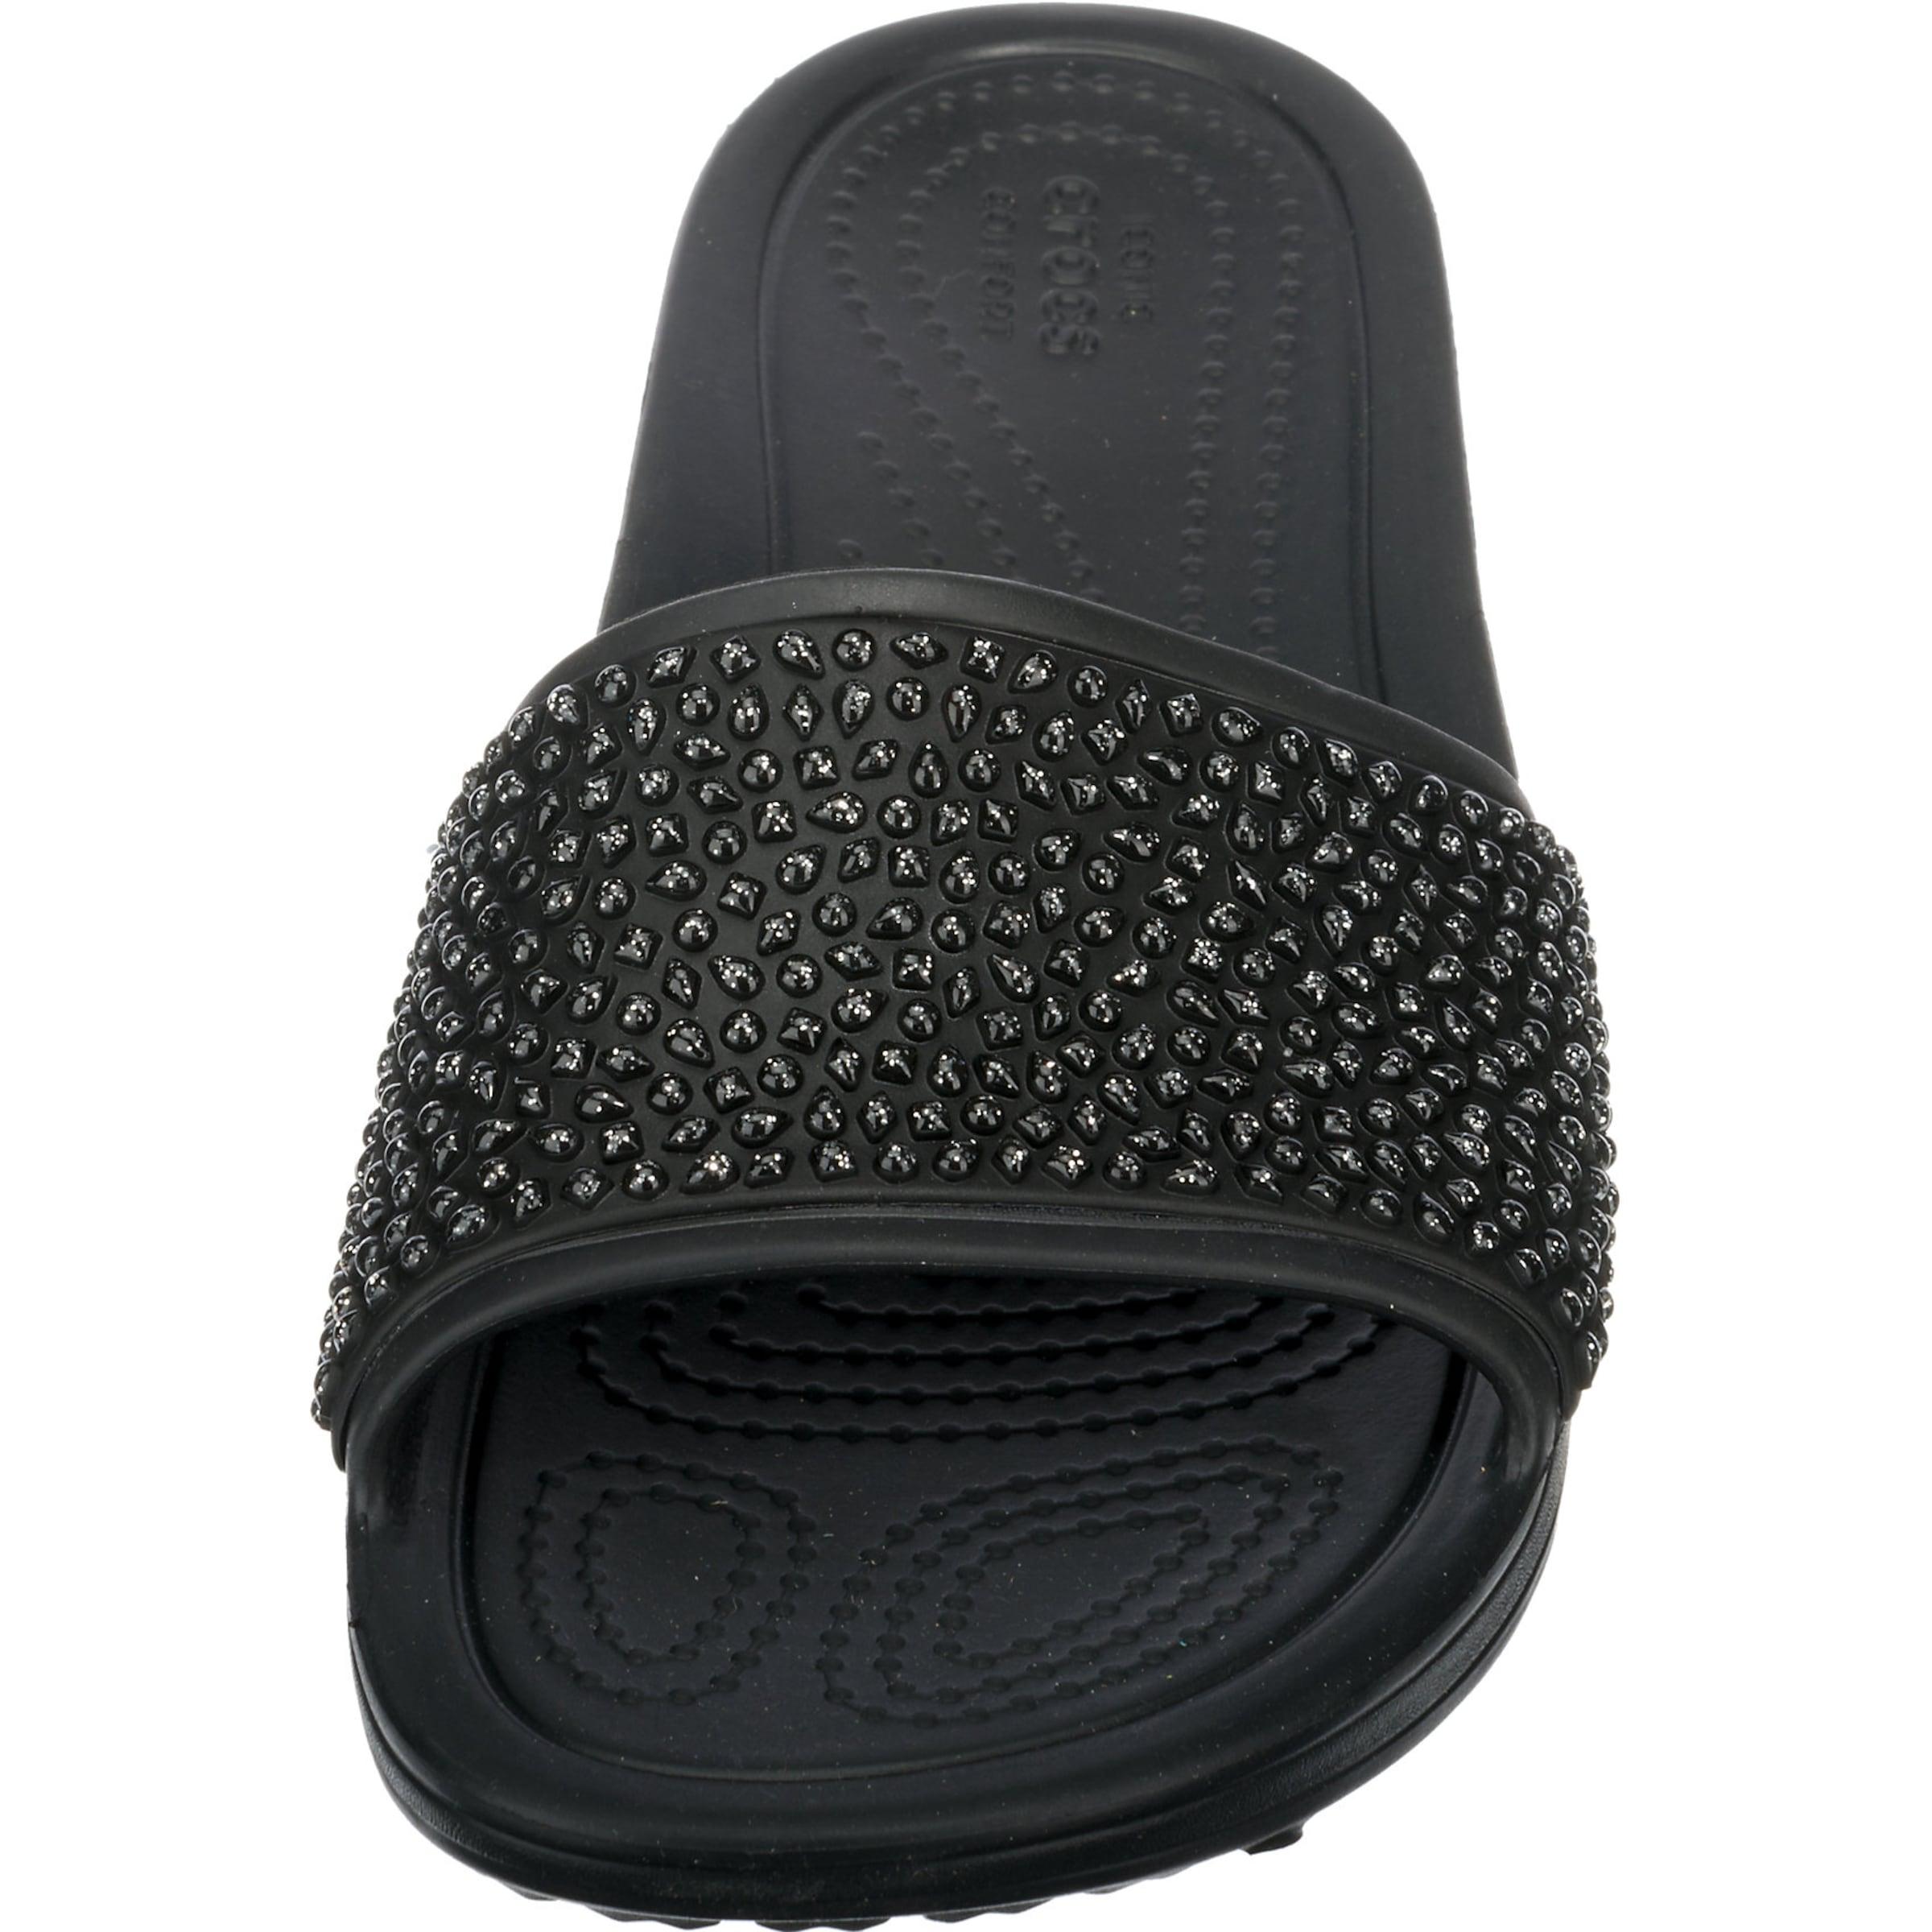 Auslass Sehr Billig Verkauf Beliebt Crocs Komfort-Pantoletten 'Sloane Embellished Slide' Günstig Kaufen Günstigsten Preis bxdlN